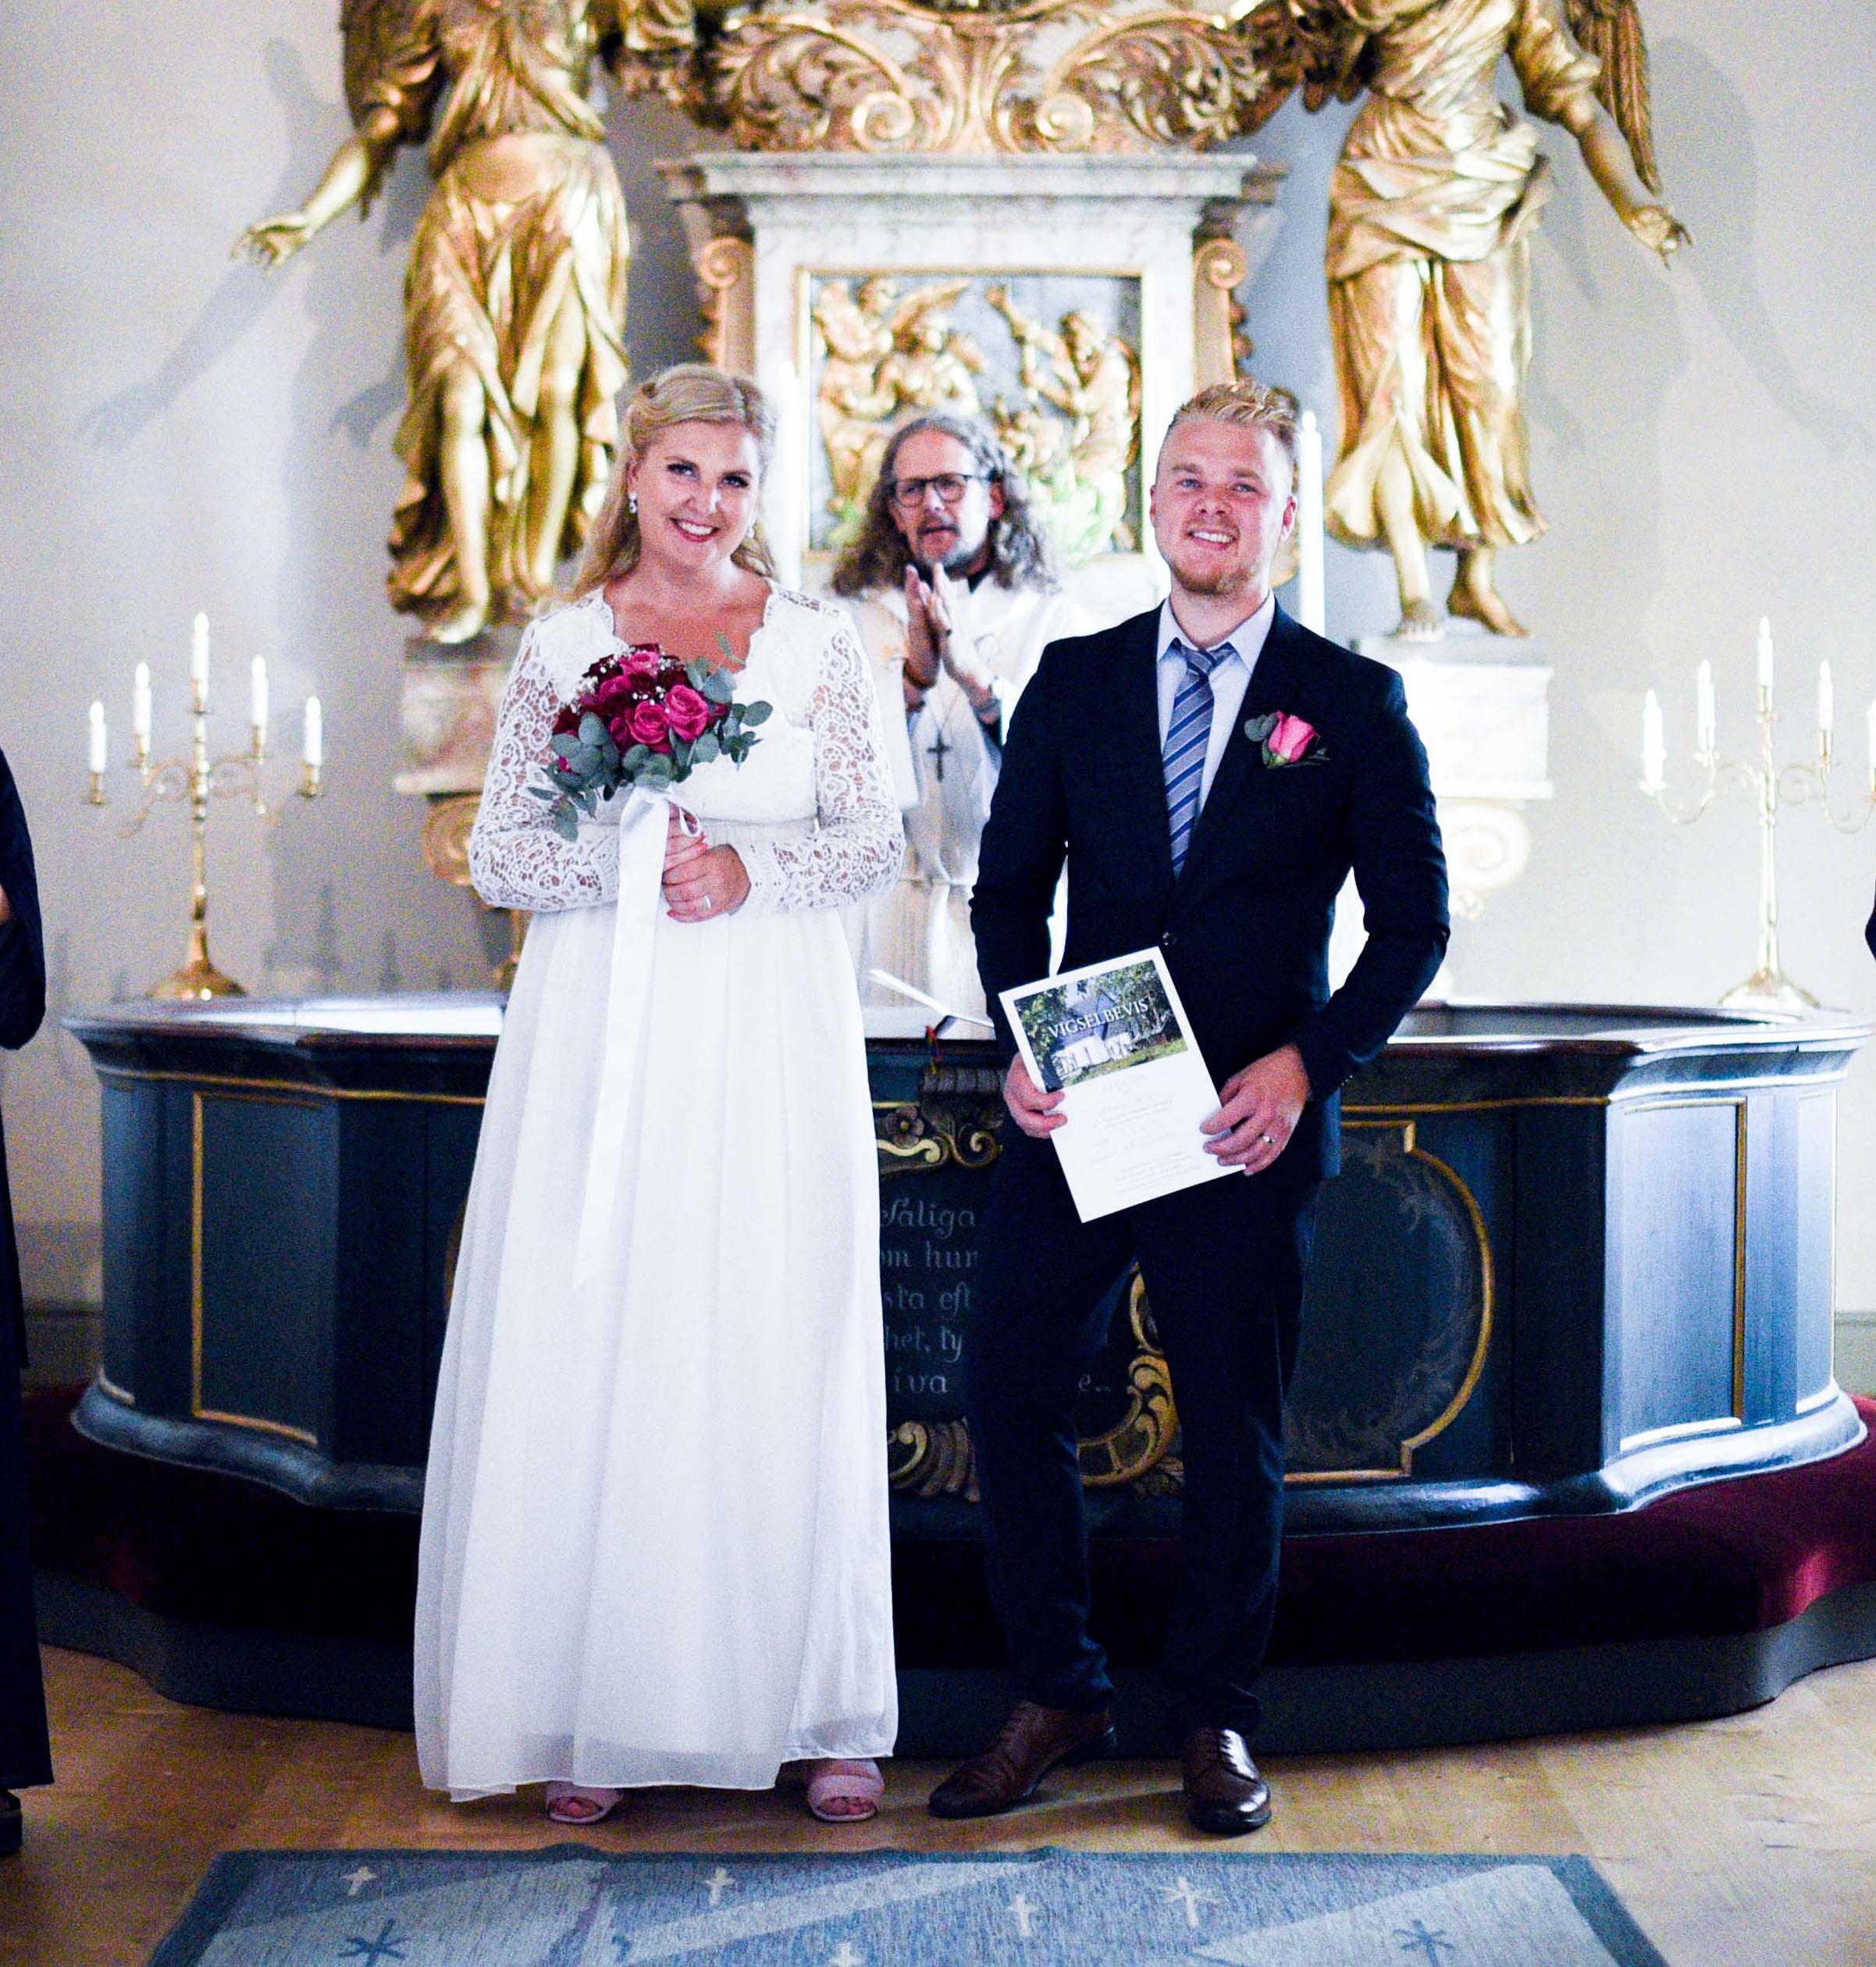 Bröllop2019lågkvall-55232.jpg